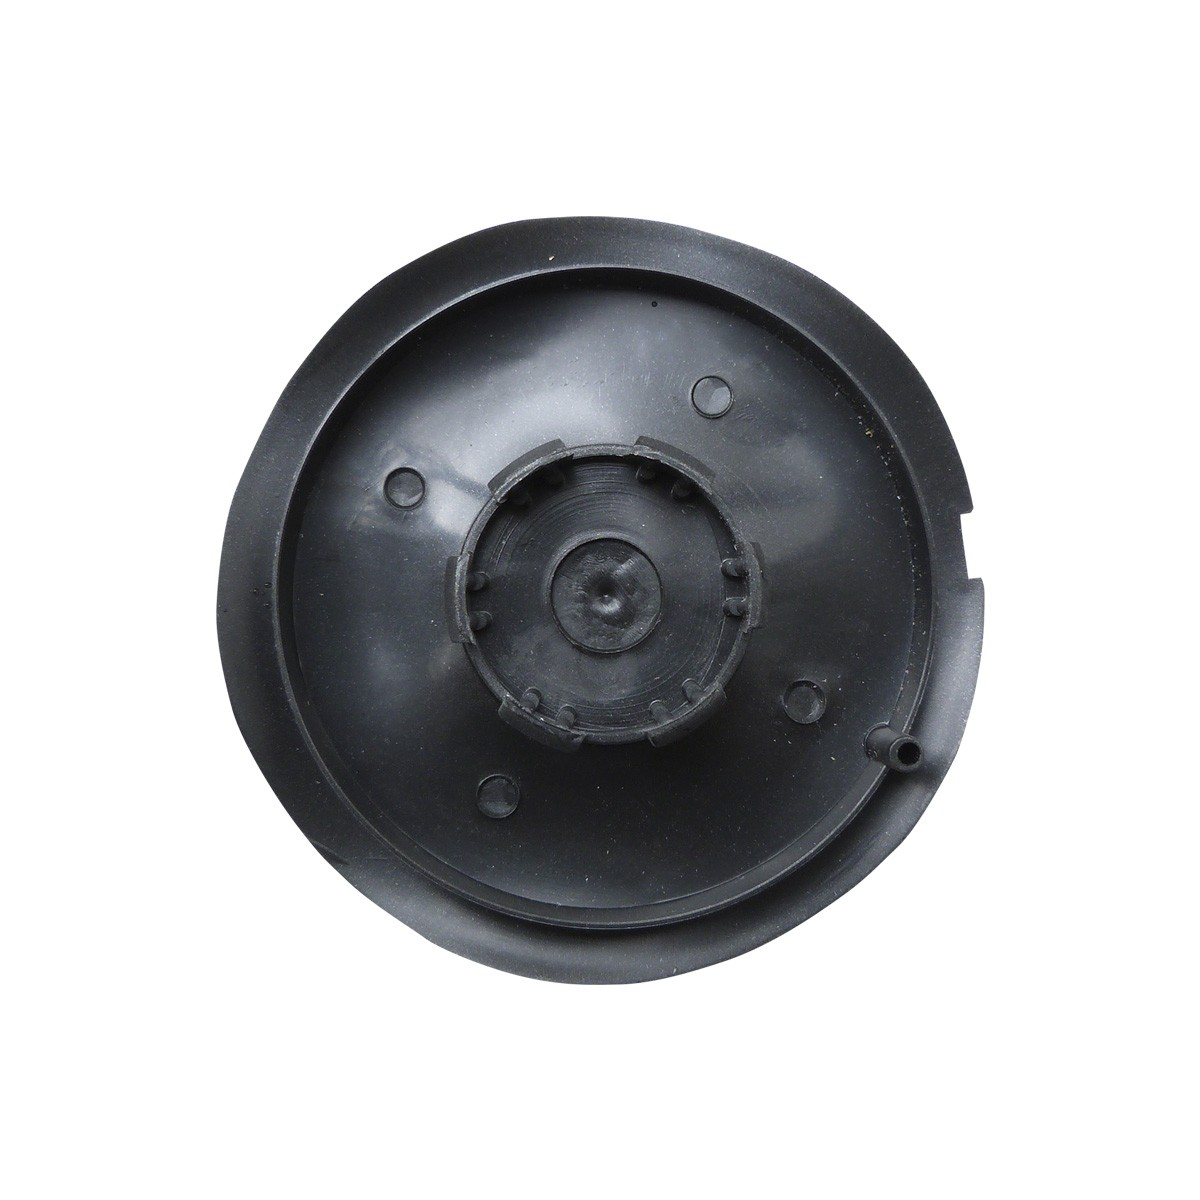 Jogo Calota Centro Roda Corsa 99 Kadett Tigra Emb Gm